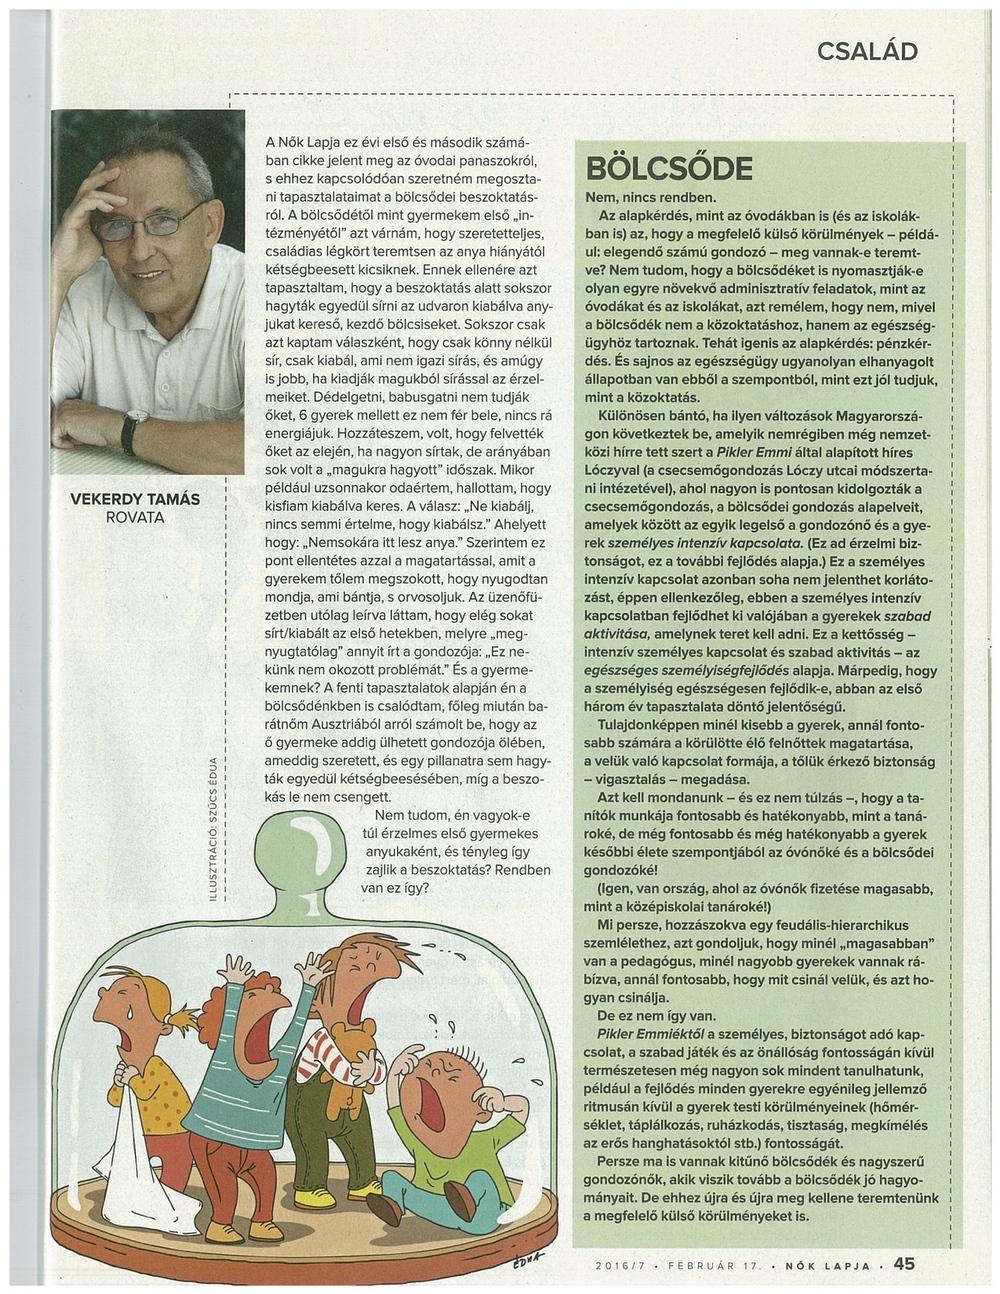 Vekerdy Tamás rovata - Nők Lapja - 2016/7 - február 17.